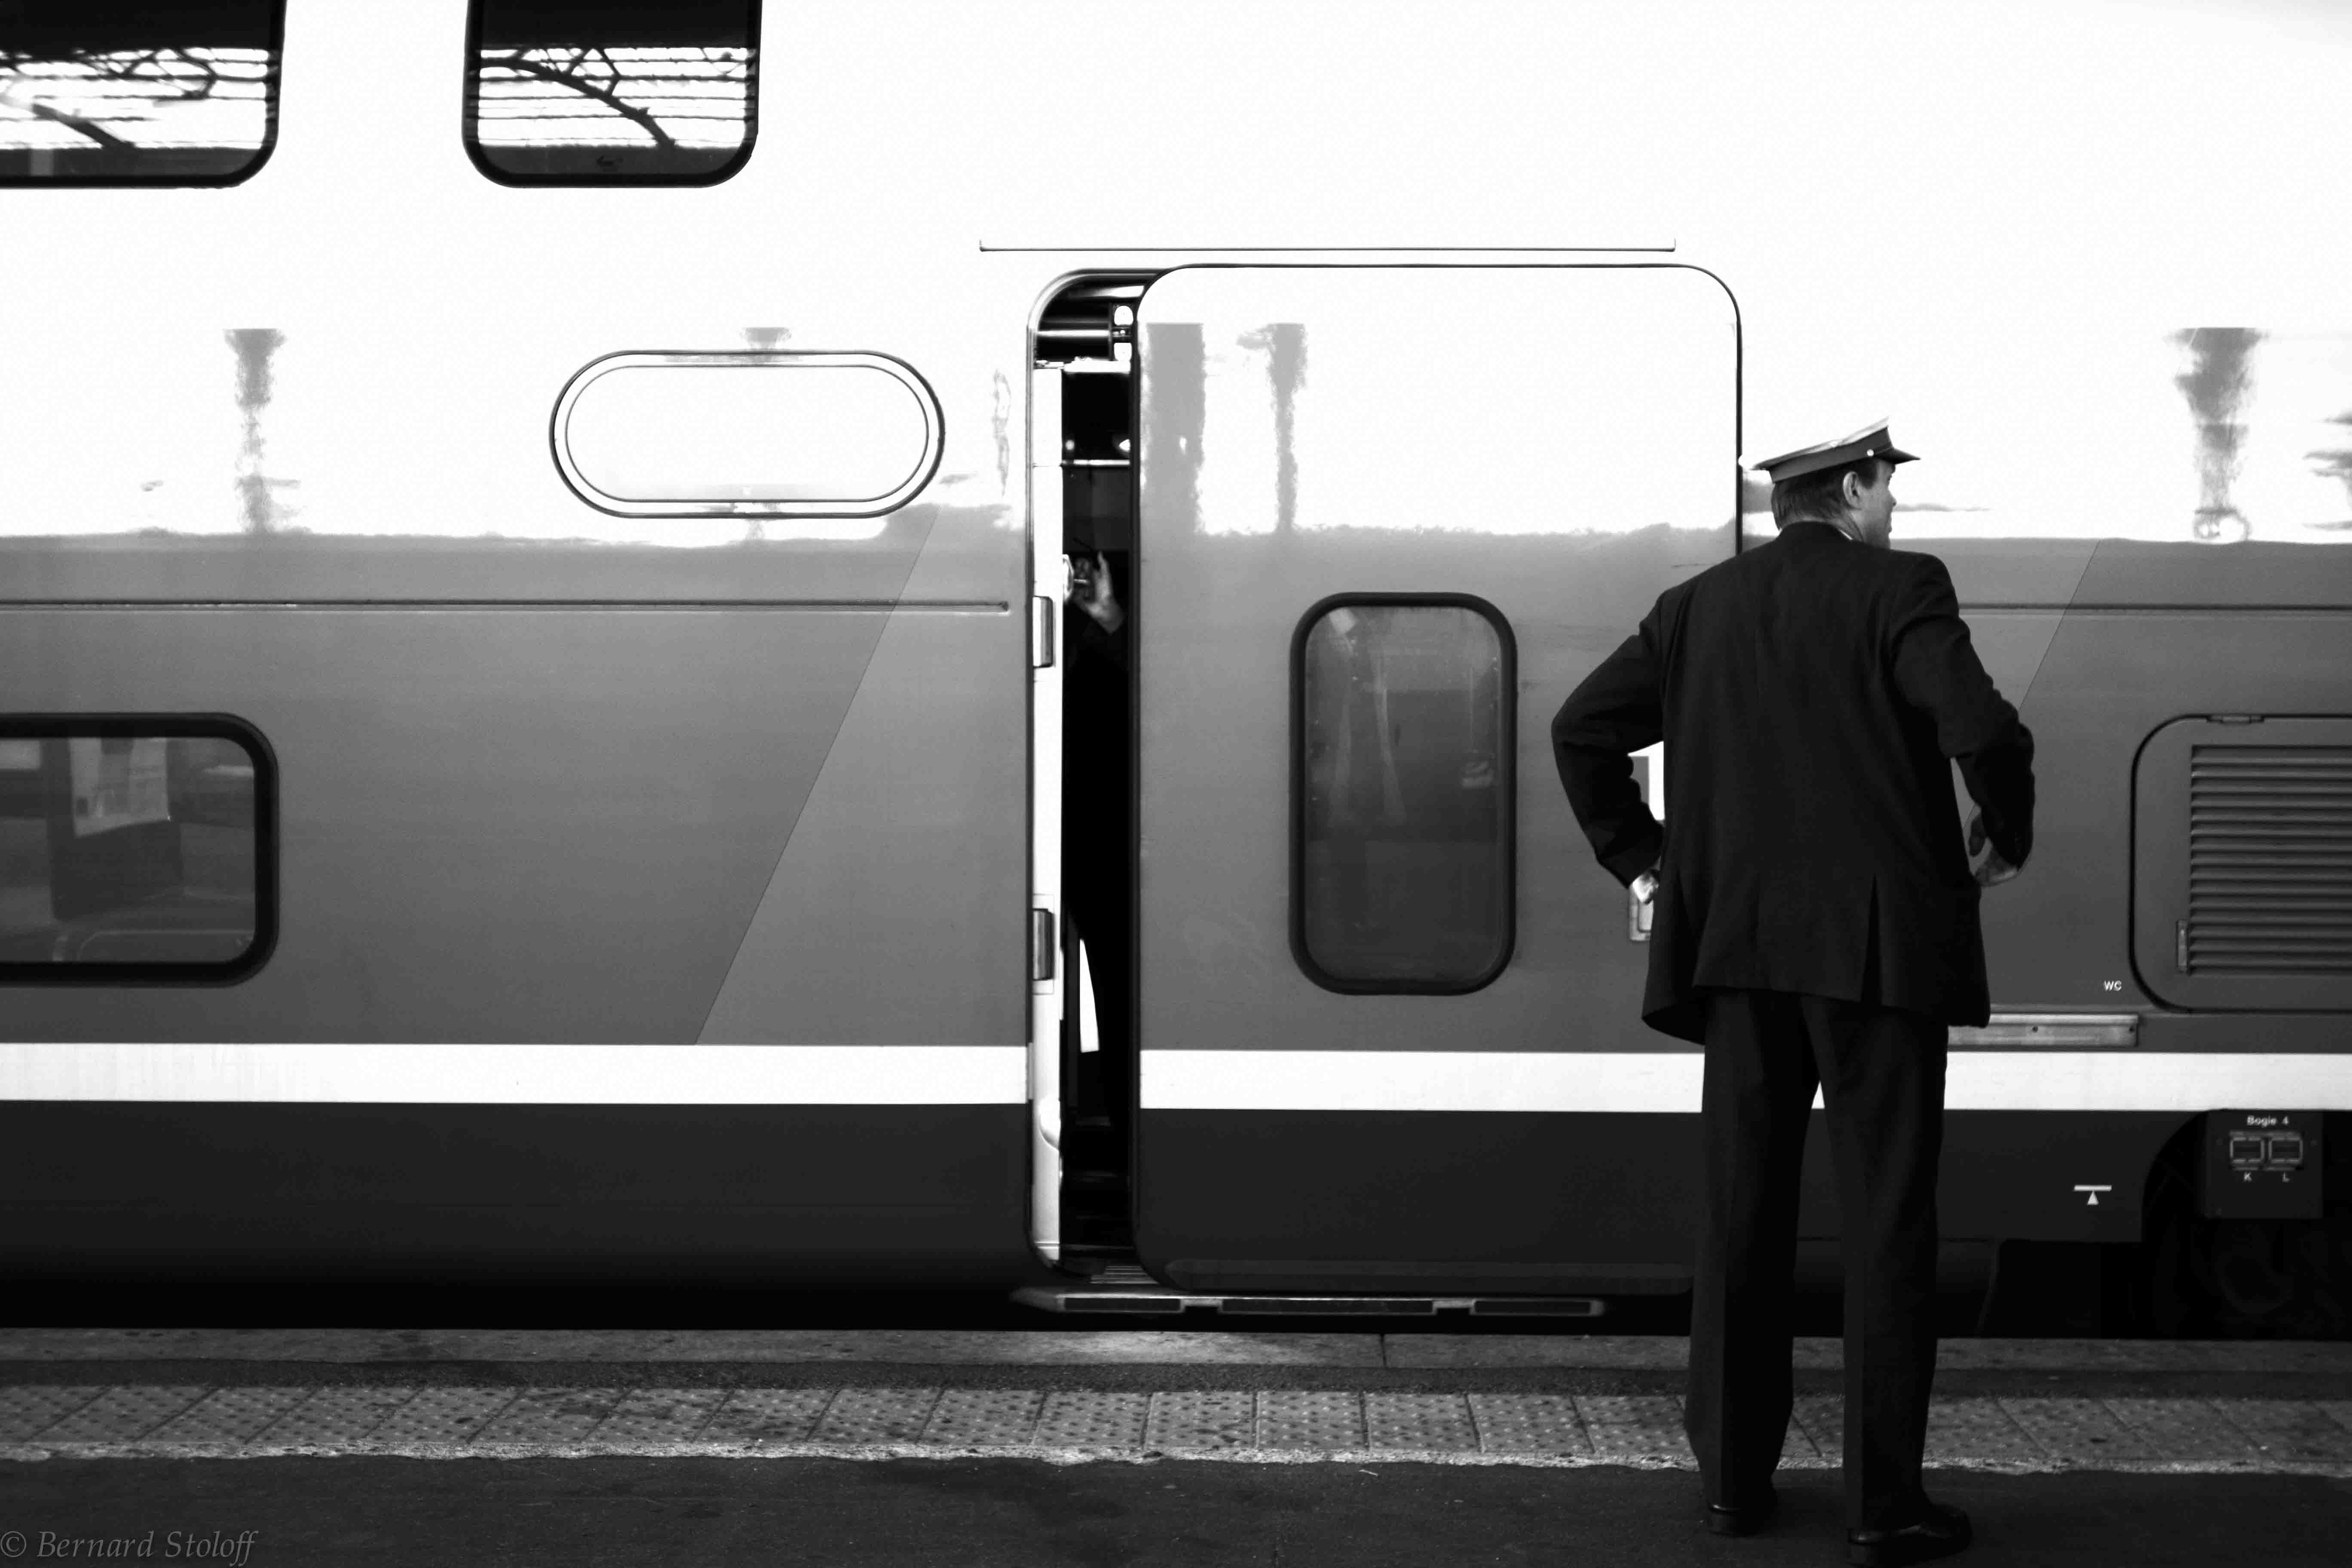 LE DÉPART DU TGV, GARE DE STRASBOURG, ALSACE